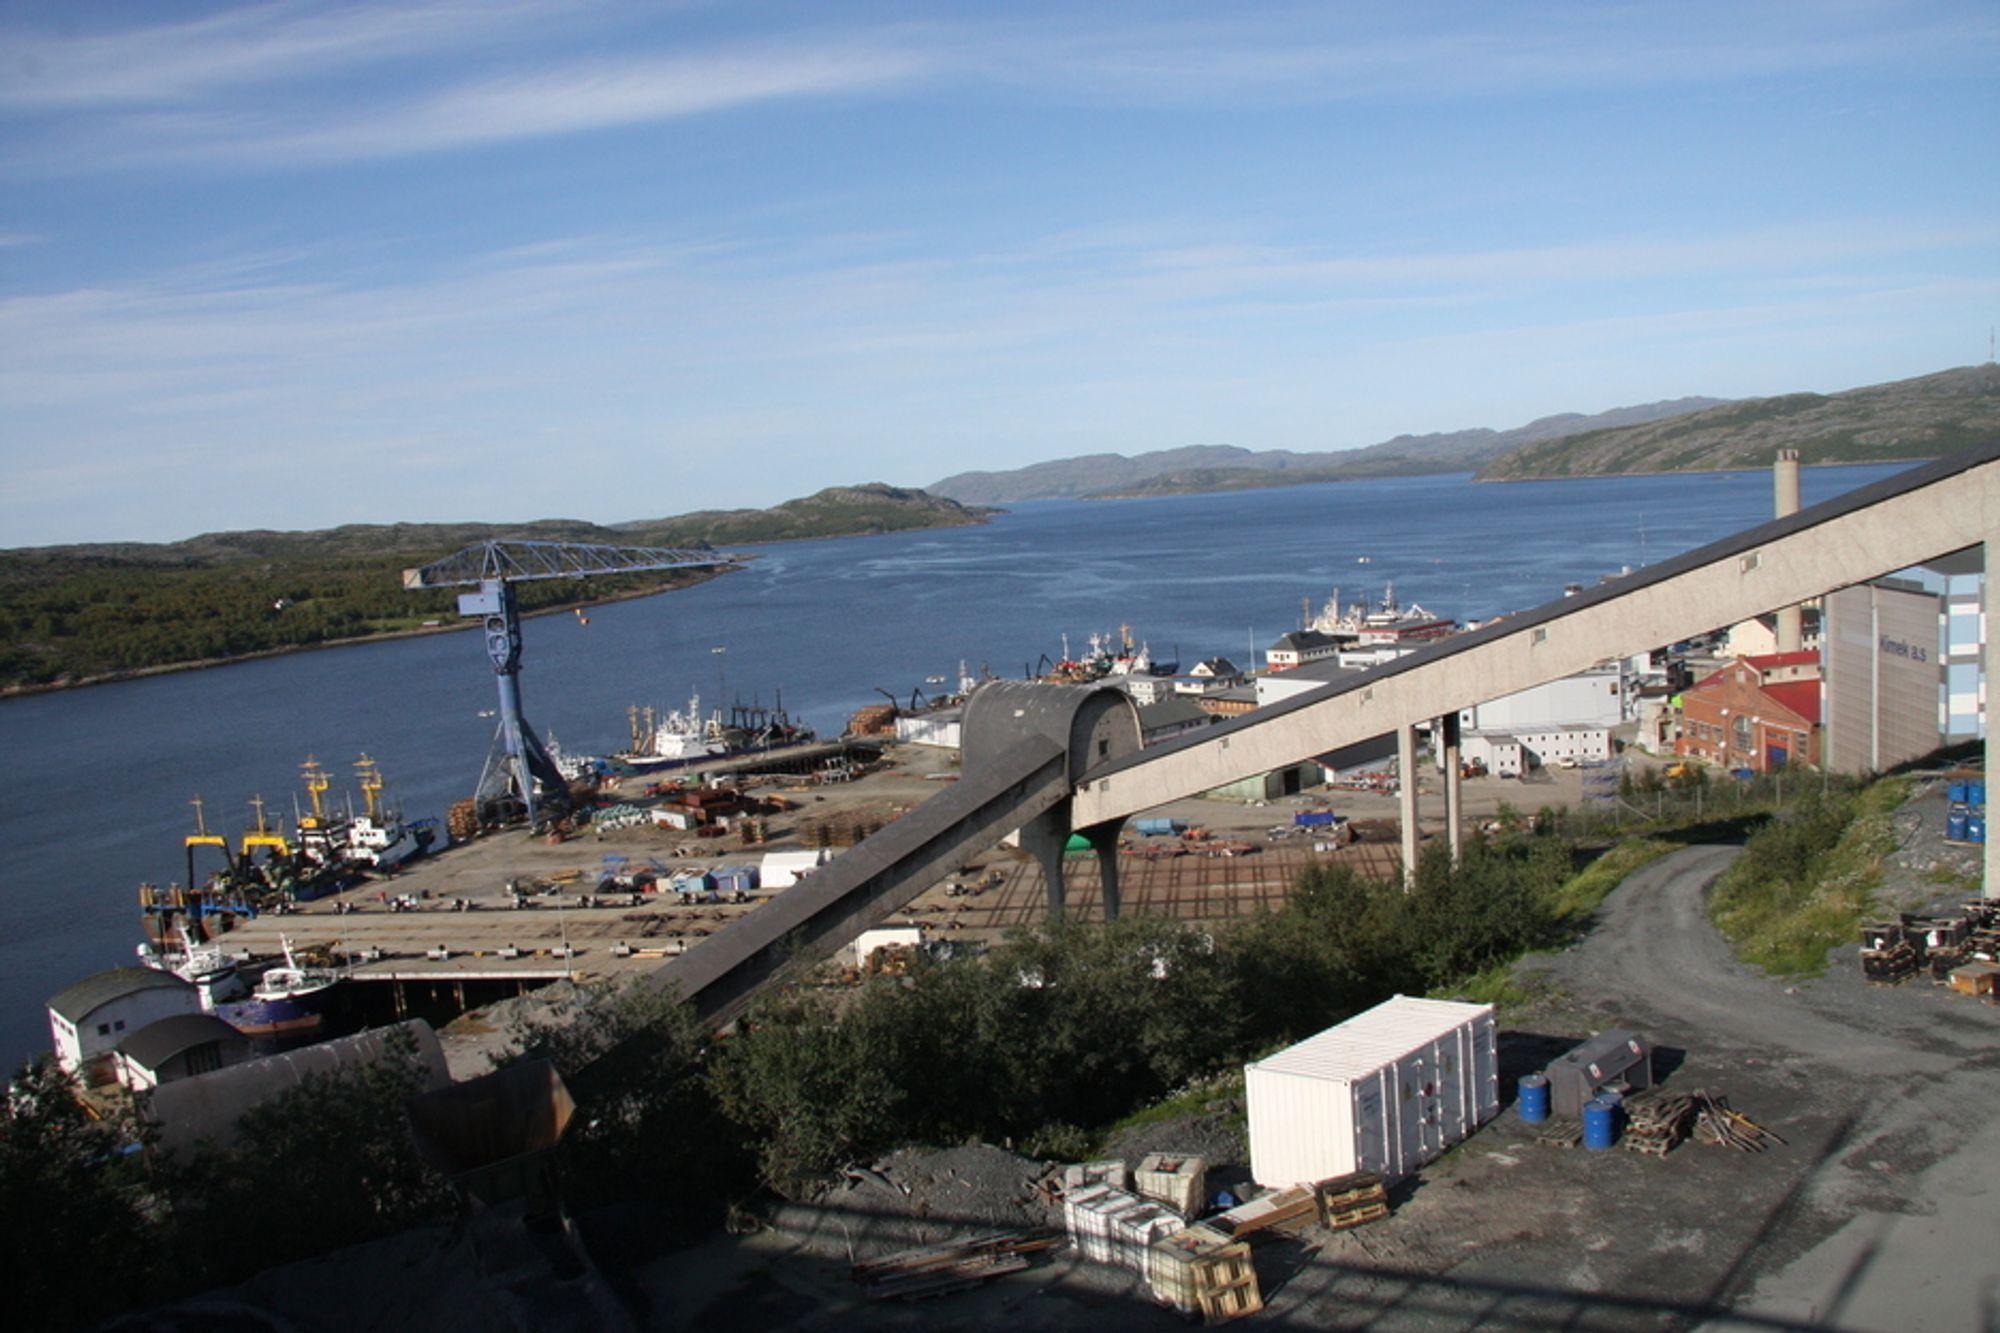 HISTORISK TRANSPORT: Om få dager sender Sydvaranger gruve det første skipet gjennom Nordøstpassasjen.